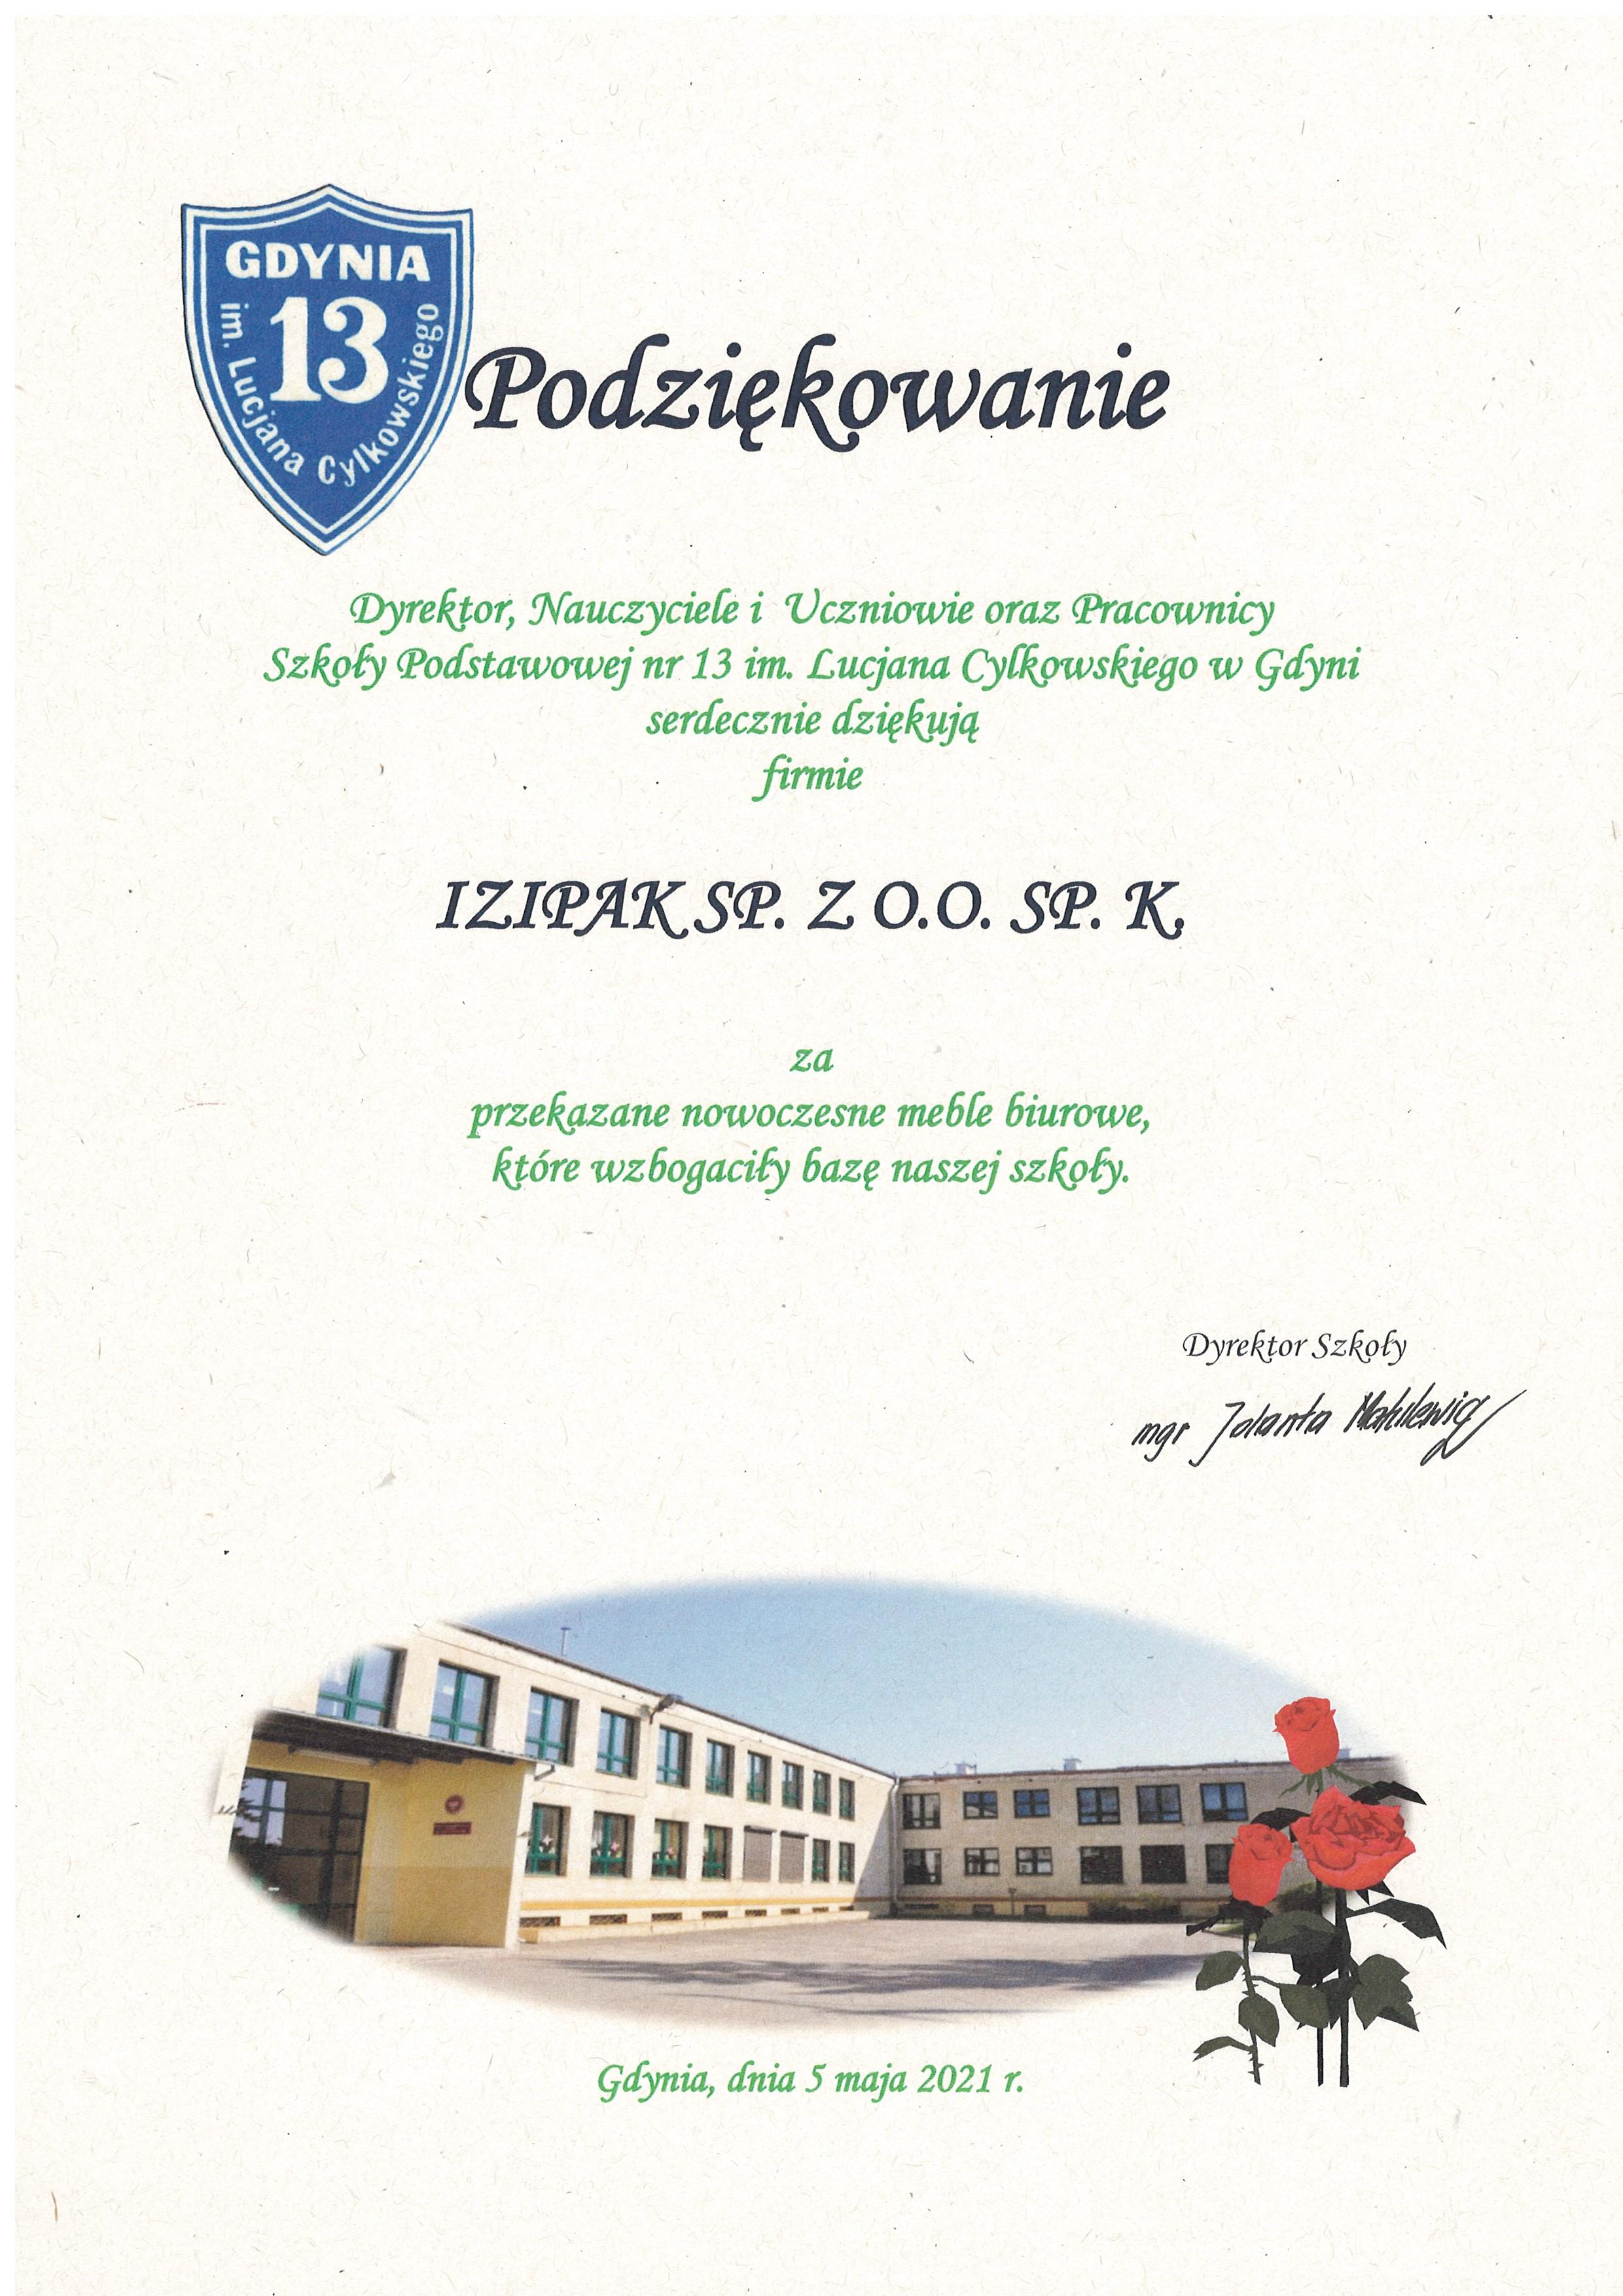 Podziękowanie dla IZIPAK SP. Z O.O SP. K